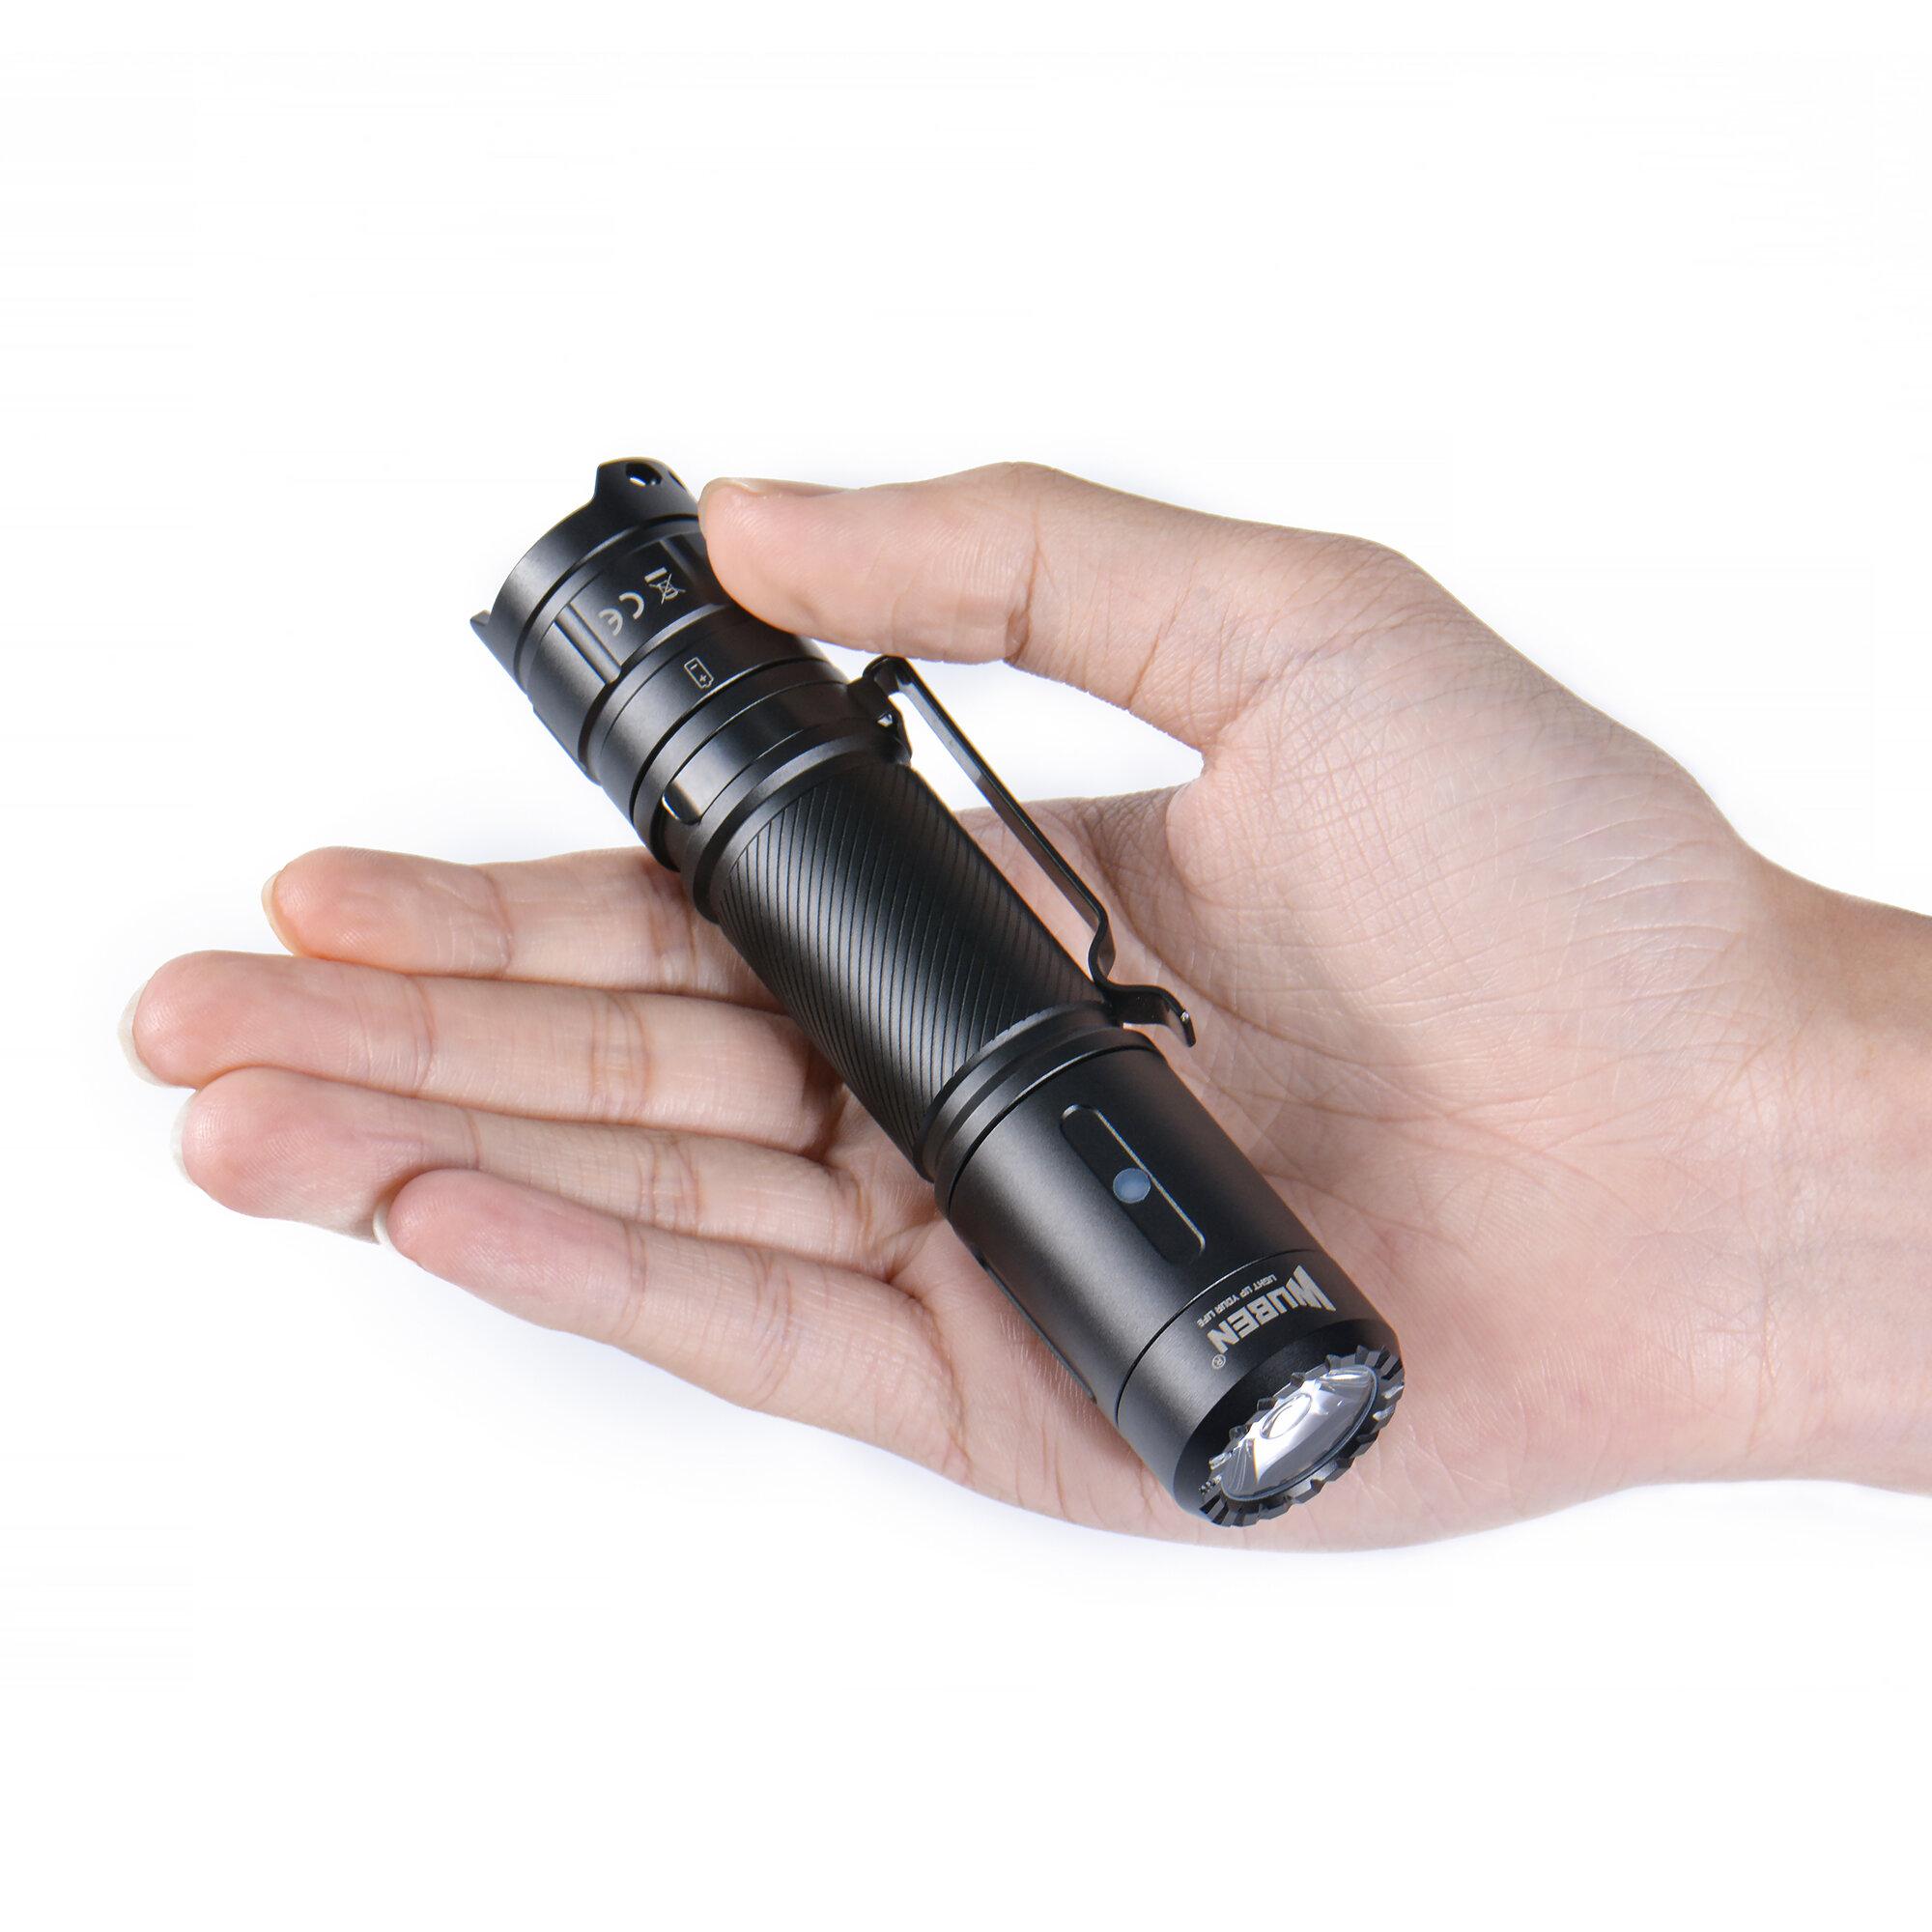 JETbeam Mini-1 TI Titanium XP-G2 130LM USB Rechargeable Mini LED Flashlight - 5